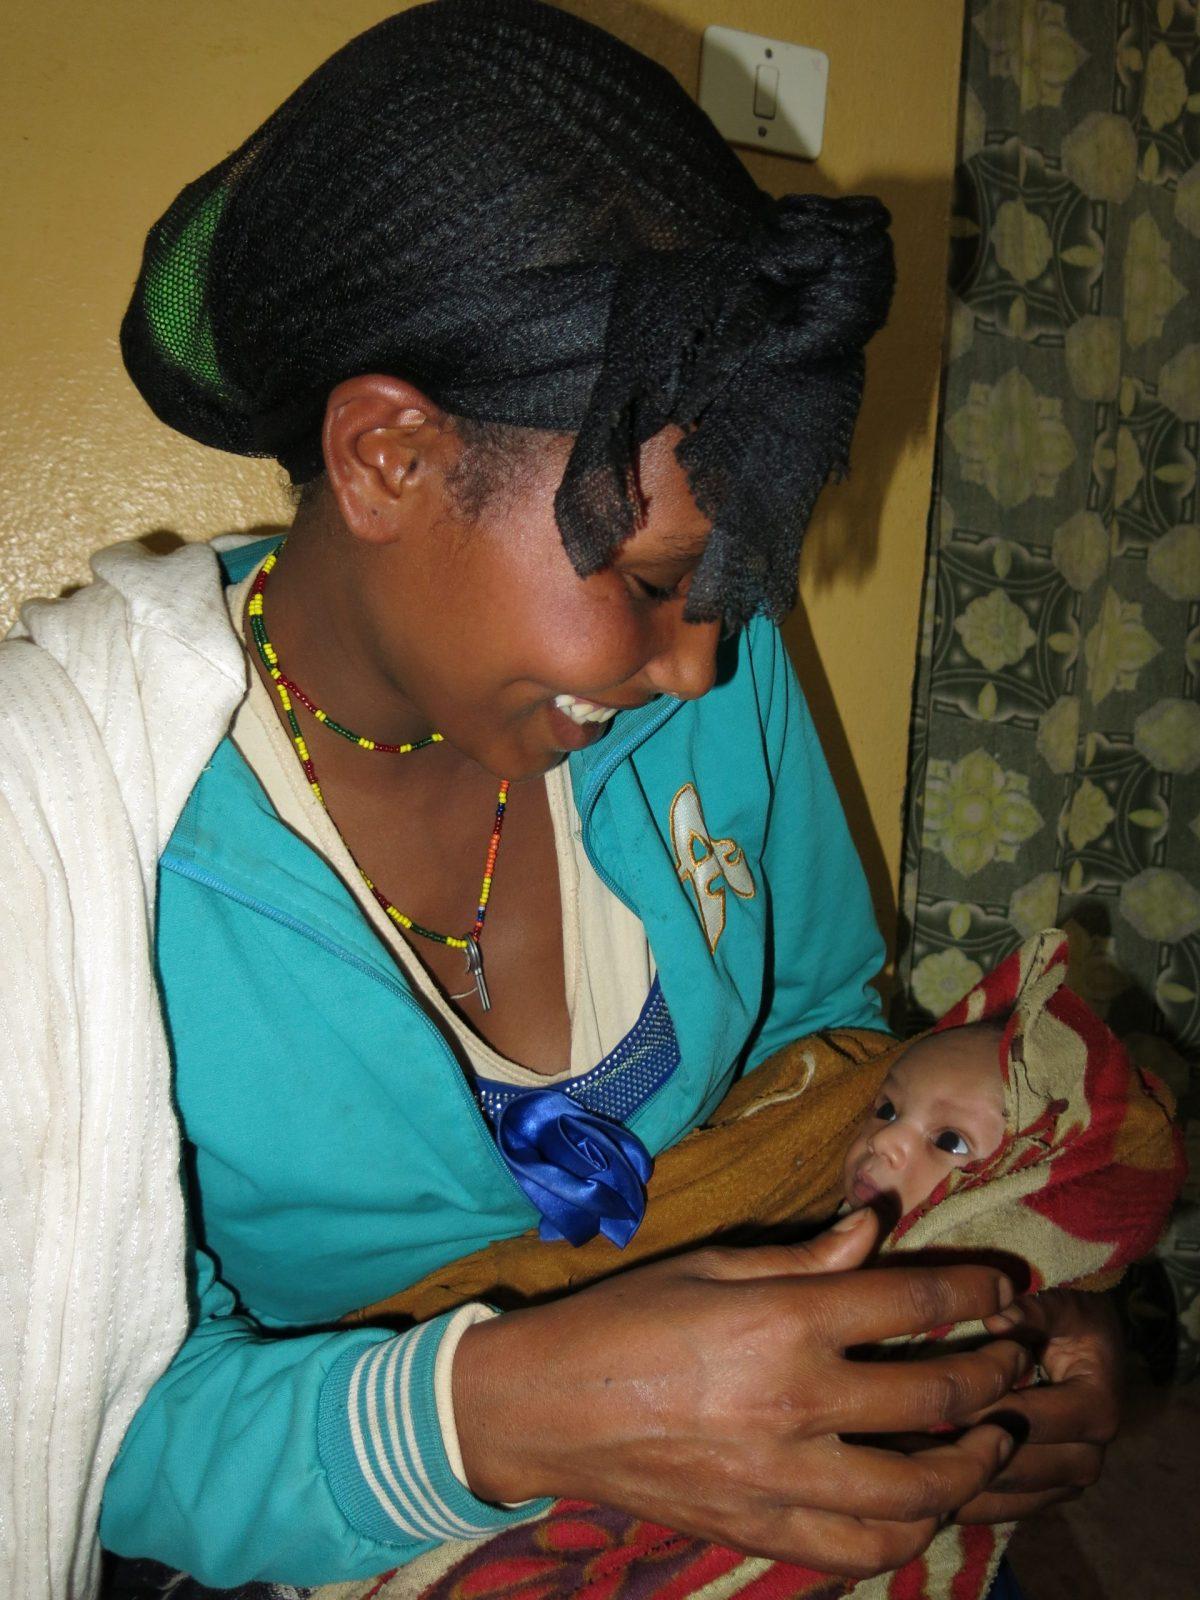 Para ser madre y poder vivirlo africa alegria gambo alegria sin fronteras dr alegria